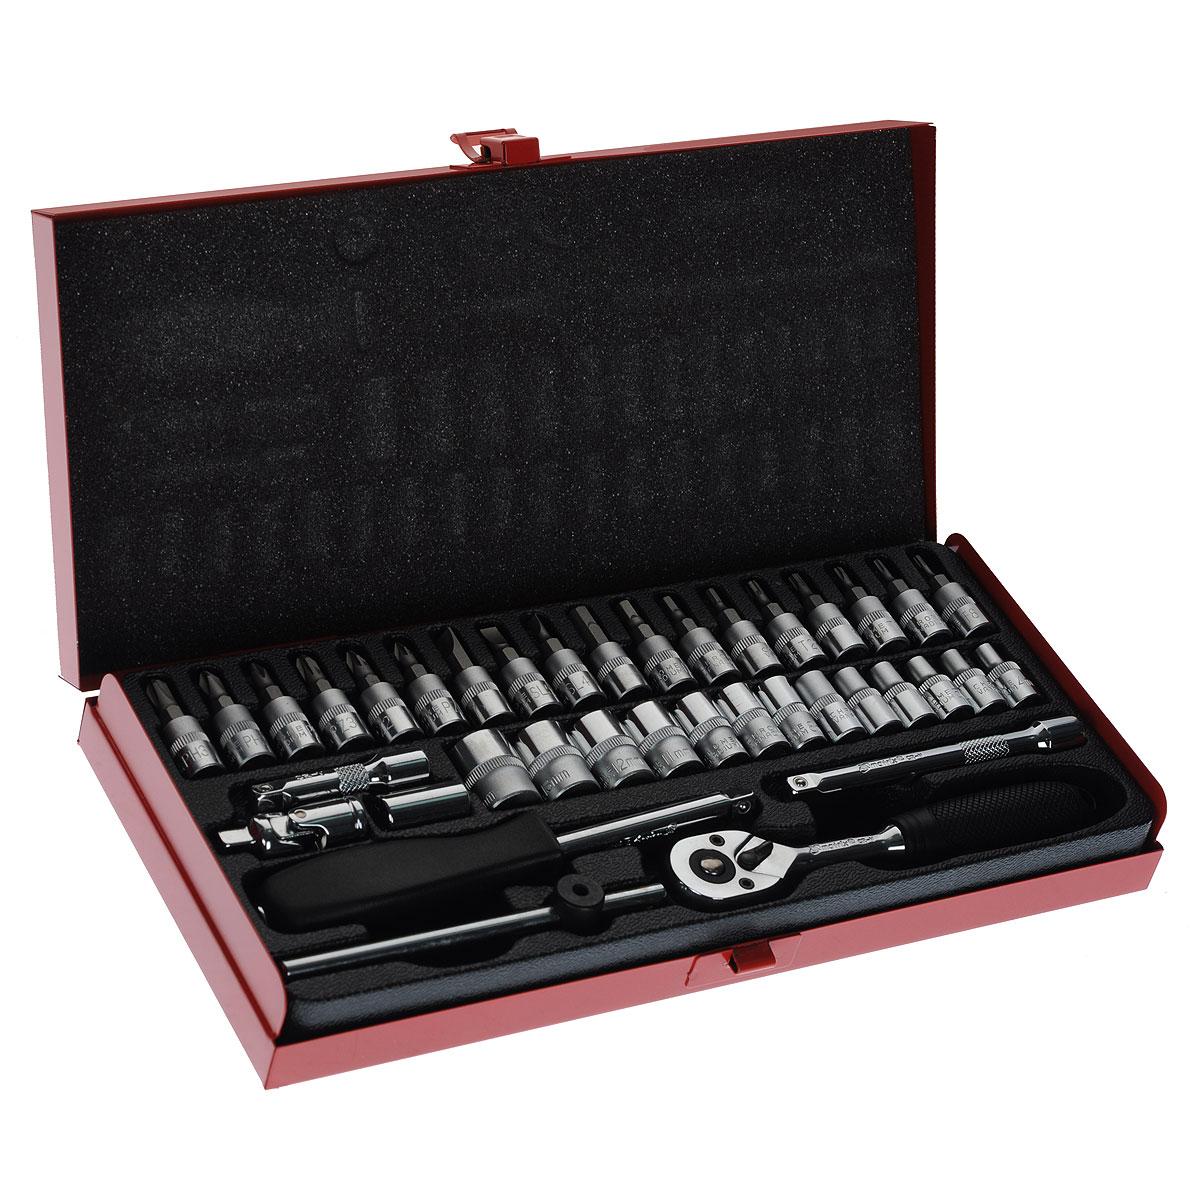 Набор слесарно-монтажный Matrix, 38 предметов13522Набор слесарно-монтажного инструмента Matrix предназначен для работы с резьбовыми соединениями. Инструмент изготовлен из хромованадиевой стали с хромированным покрытием, что обеспечивает высокое качество и долговечность.Состав набора:Биты-вставки: Hex 3 мм, 4 мм, 5 мм, 6 мм, SL4, SL5,5, SL7, PH1, PH2, PH3, PZ1, PZ2, PZ3, T8, T10, T15, T20, T25.Головки торцевые шестигранные 1/4: 4 мм, 4,5 мм, 5 мм, 5,5 мм, 6 мм, 7 мм, 8 мм, 9 мм, 10 мм, 11 мм, 12 мм, 13 мм, 14 мм.Карданный шарнир 1/4.Вороток отверточного типа 1/4.Вороток T-образный 1/4.Удлинитель 1/4 50 мм.Удлинитель 1/4 100 мм.Ключ трещоточный (45 зубьев) с эргономичной пластиковой ручкой, реверсом и механизмом разблокировки шарикового фиксатора.Битодержатель 1/4.